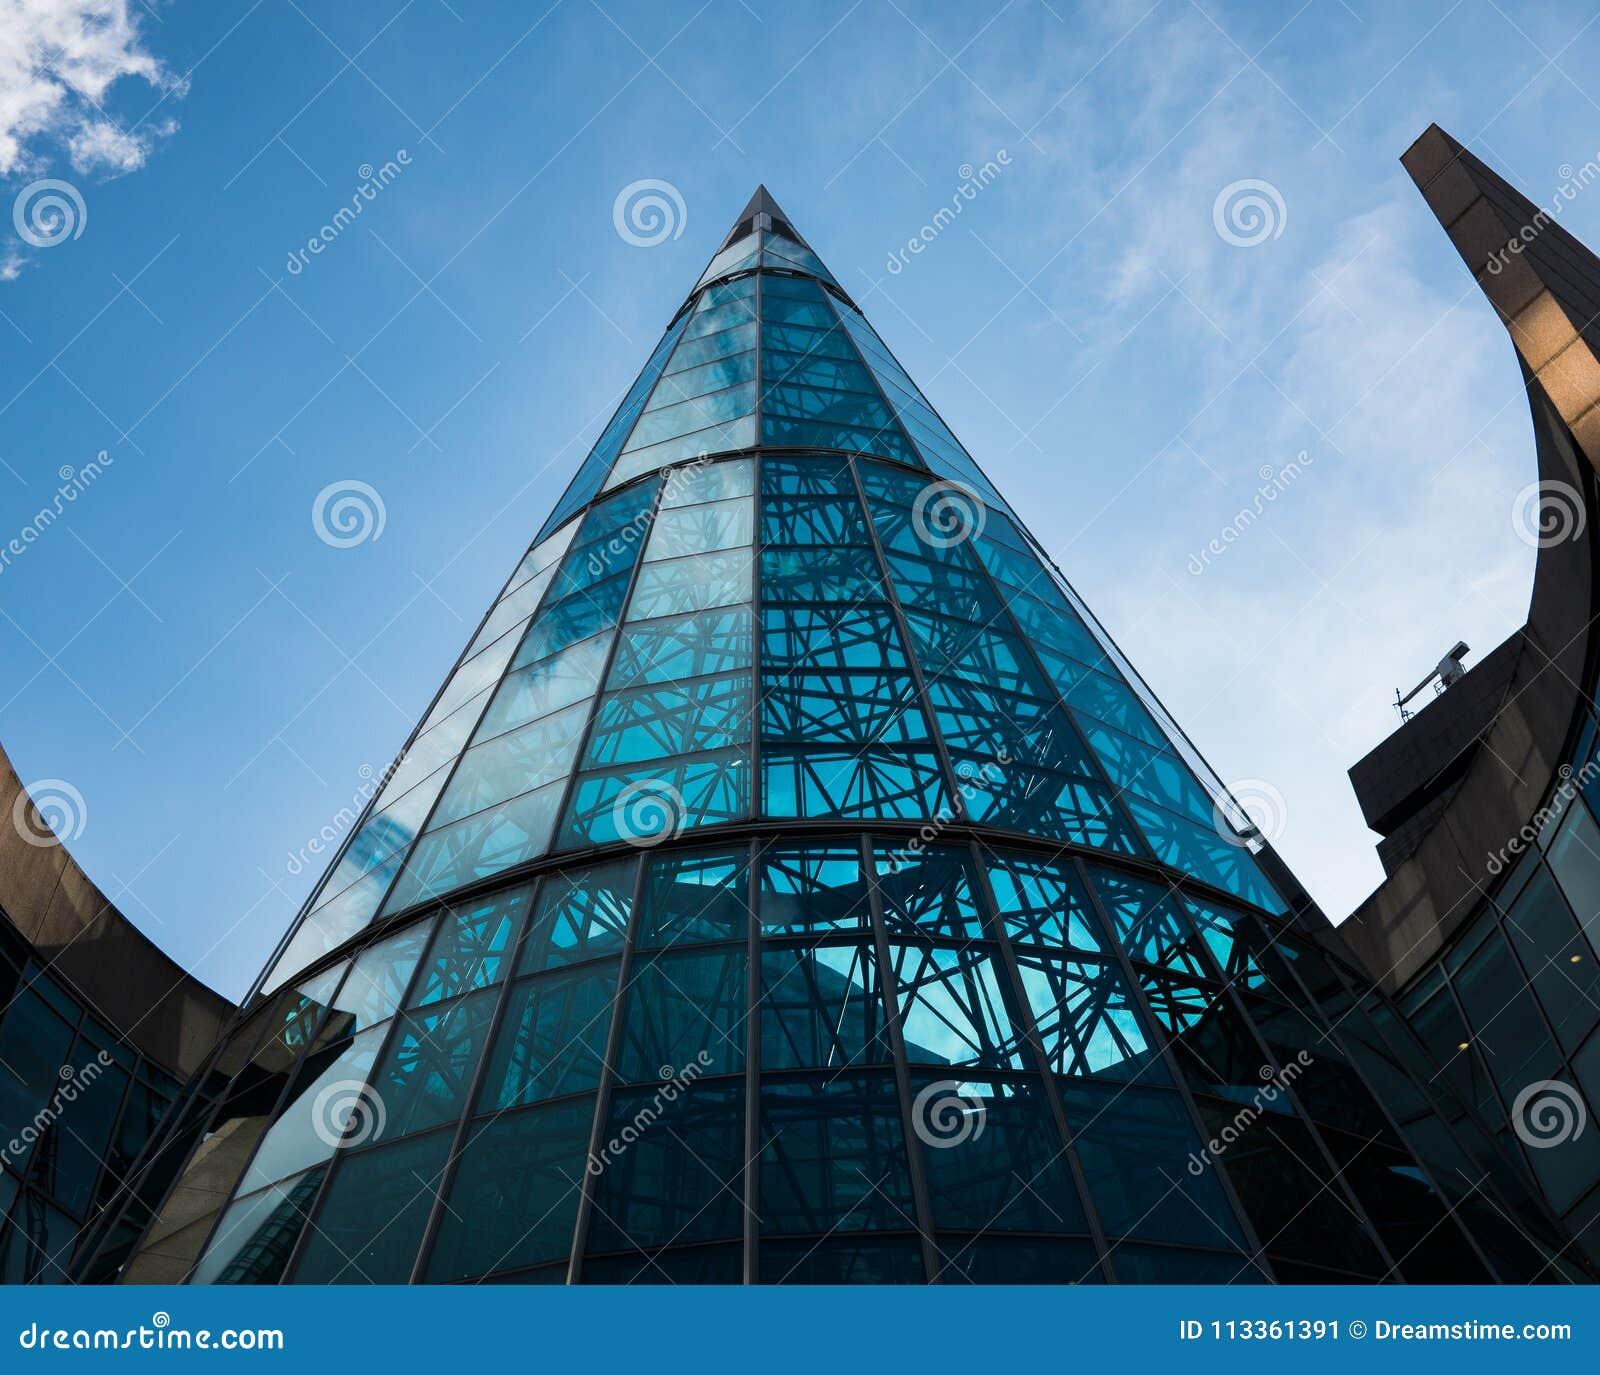 Belle architecture moderne sur ce bâtiment en verre incurvé